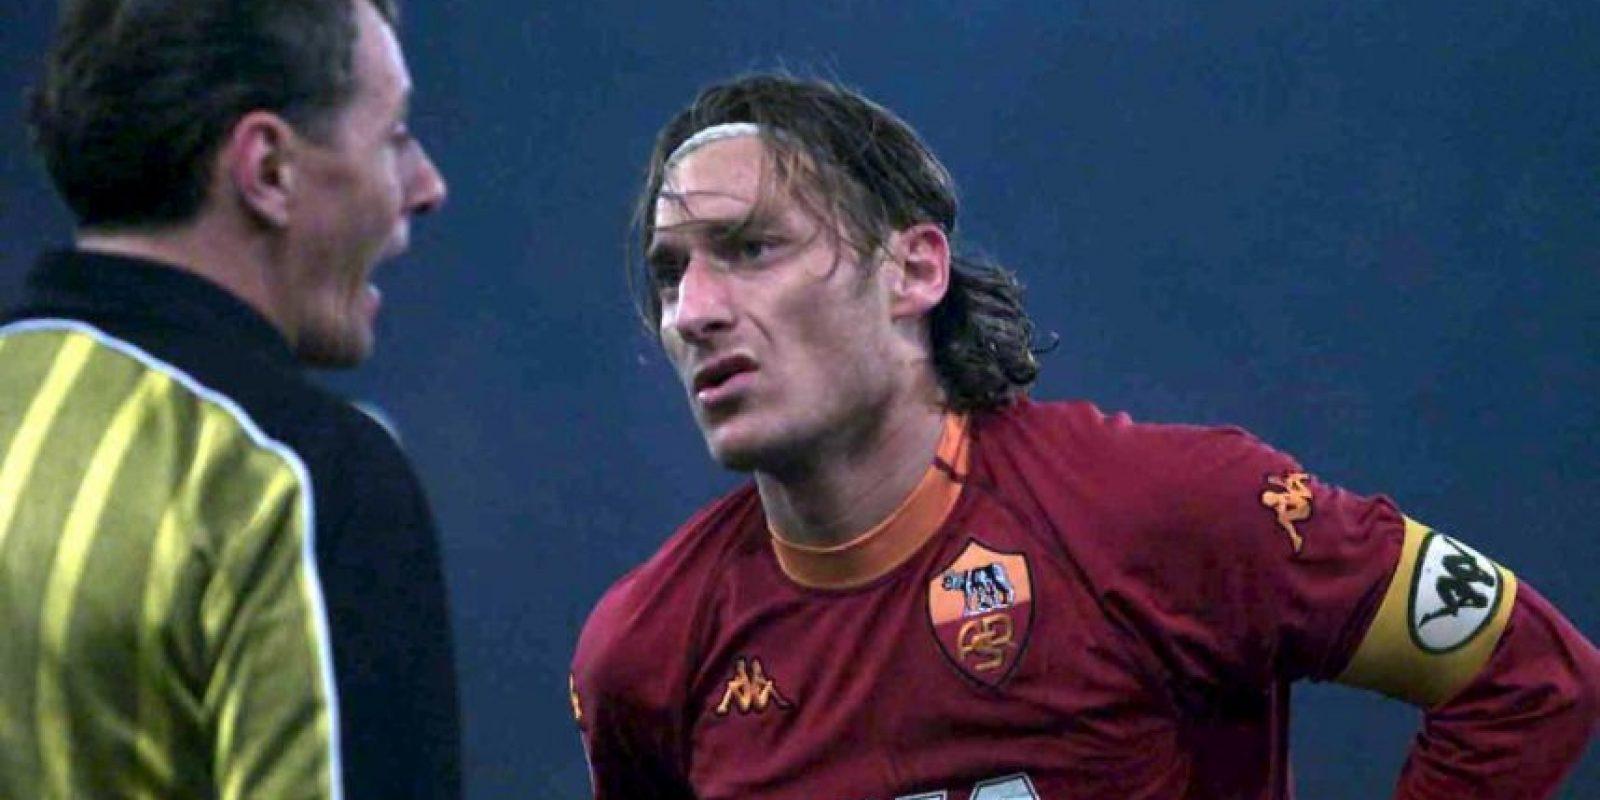 Muchos cuestionaron la decisión de Francesco Totti de rechazar la oferta de Real Madrid. Sin embargo, ese fue un año que el jugador nunca olvidará y cuando se coronó campeón con la Roma de la Serie A, cortando una racha de 19 años sin títulos. Además ganaron la Supercopa de Italia Foto:Getty Images